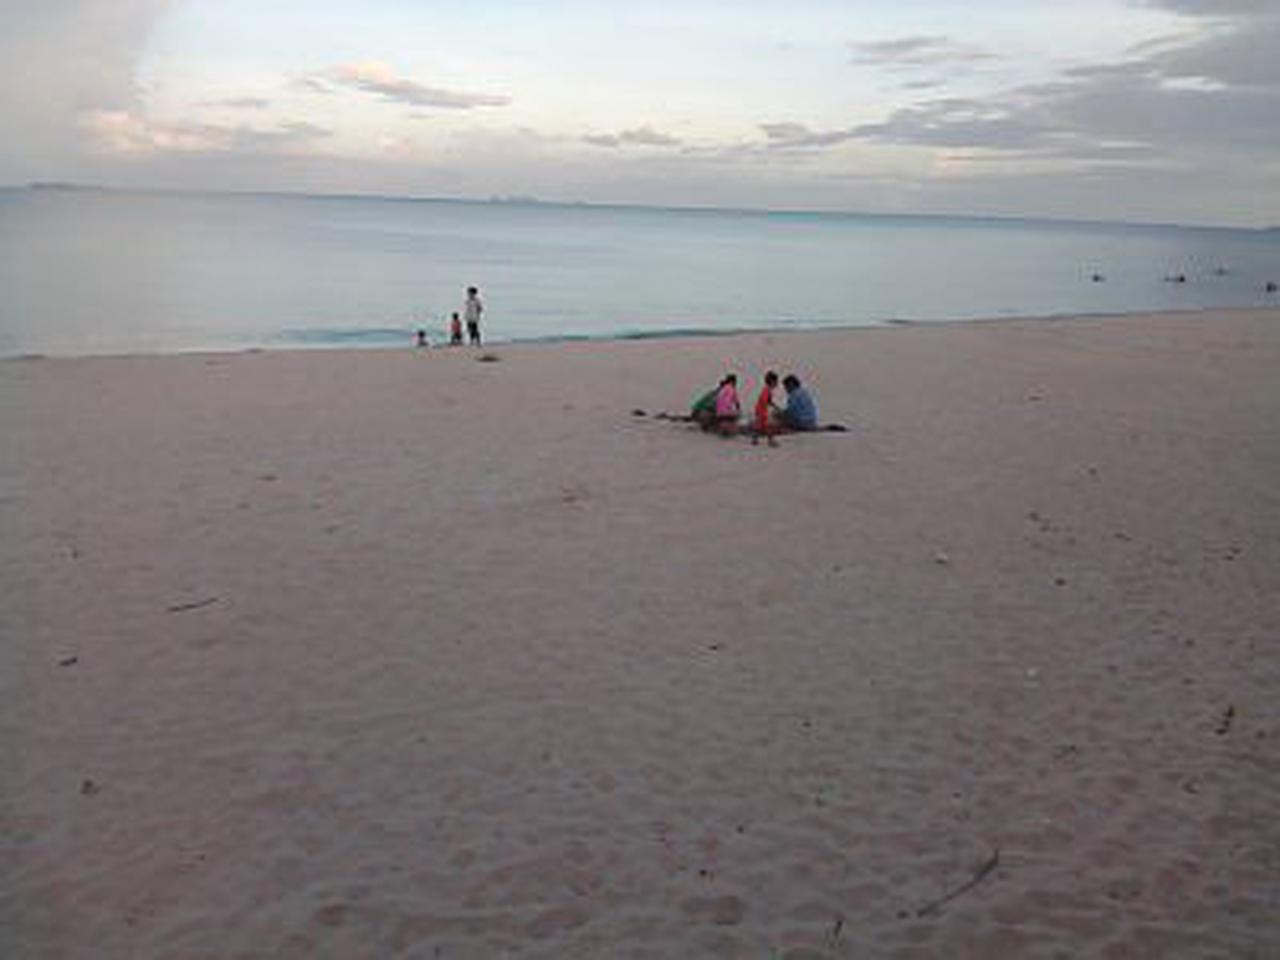 ขายที่ดินเปล่า2 ไร่ ใกล้หาด เหมาะปลูกบ้านพักตากอากาศหรือเกตส รูปที่ 3